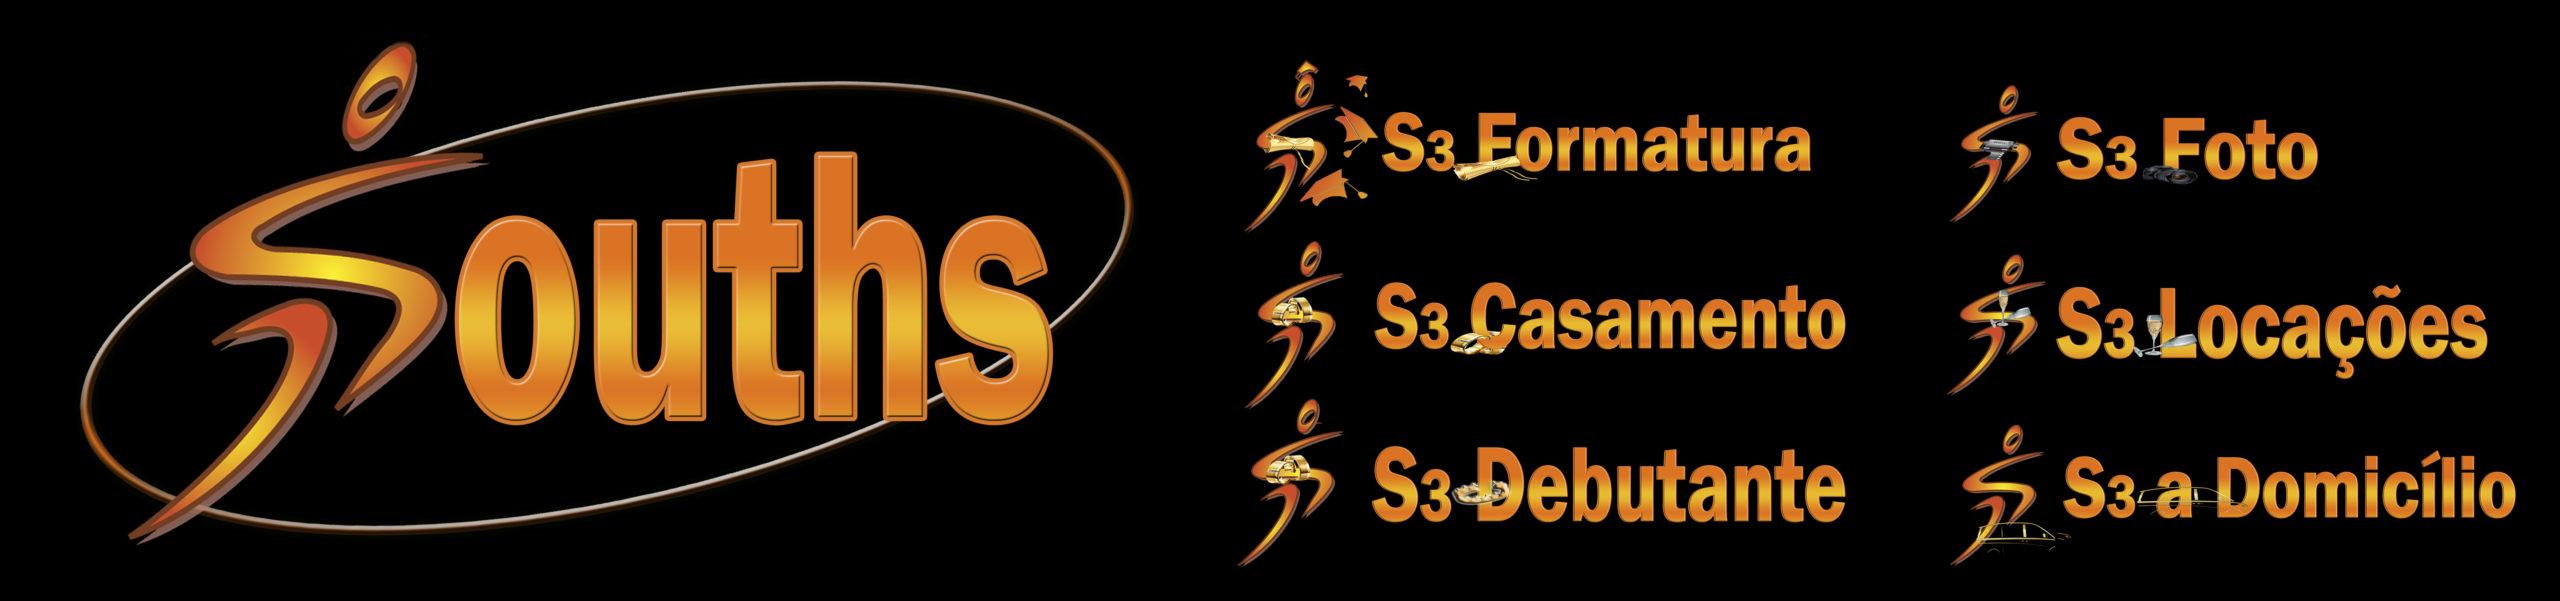 GRUPO SOUTHS: S3 Casamento, S3 Debutante, S3 Formatura, S3 Foto, S3 Locações e S3 á Domicílio.